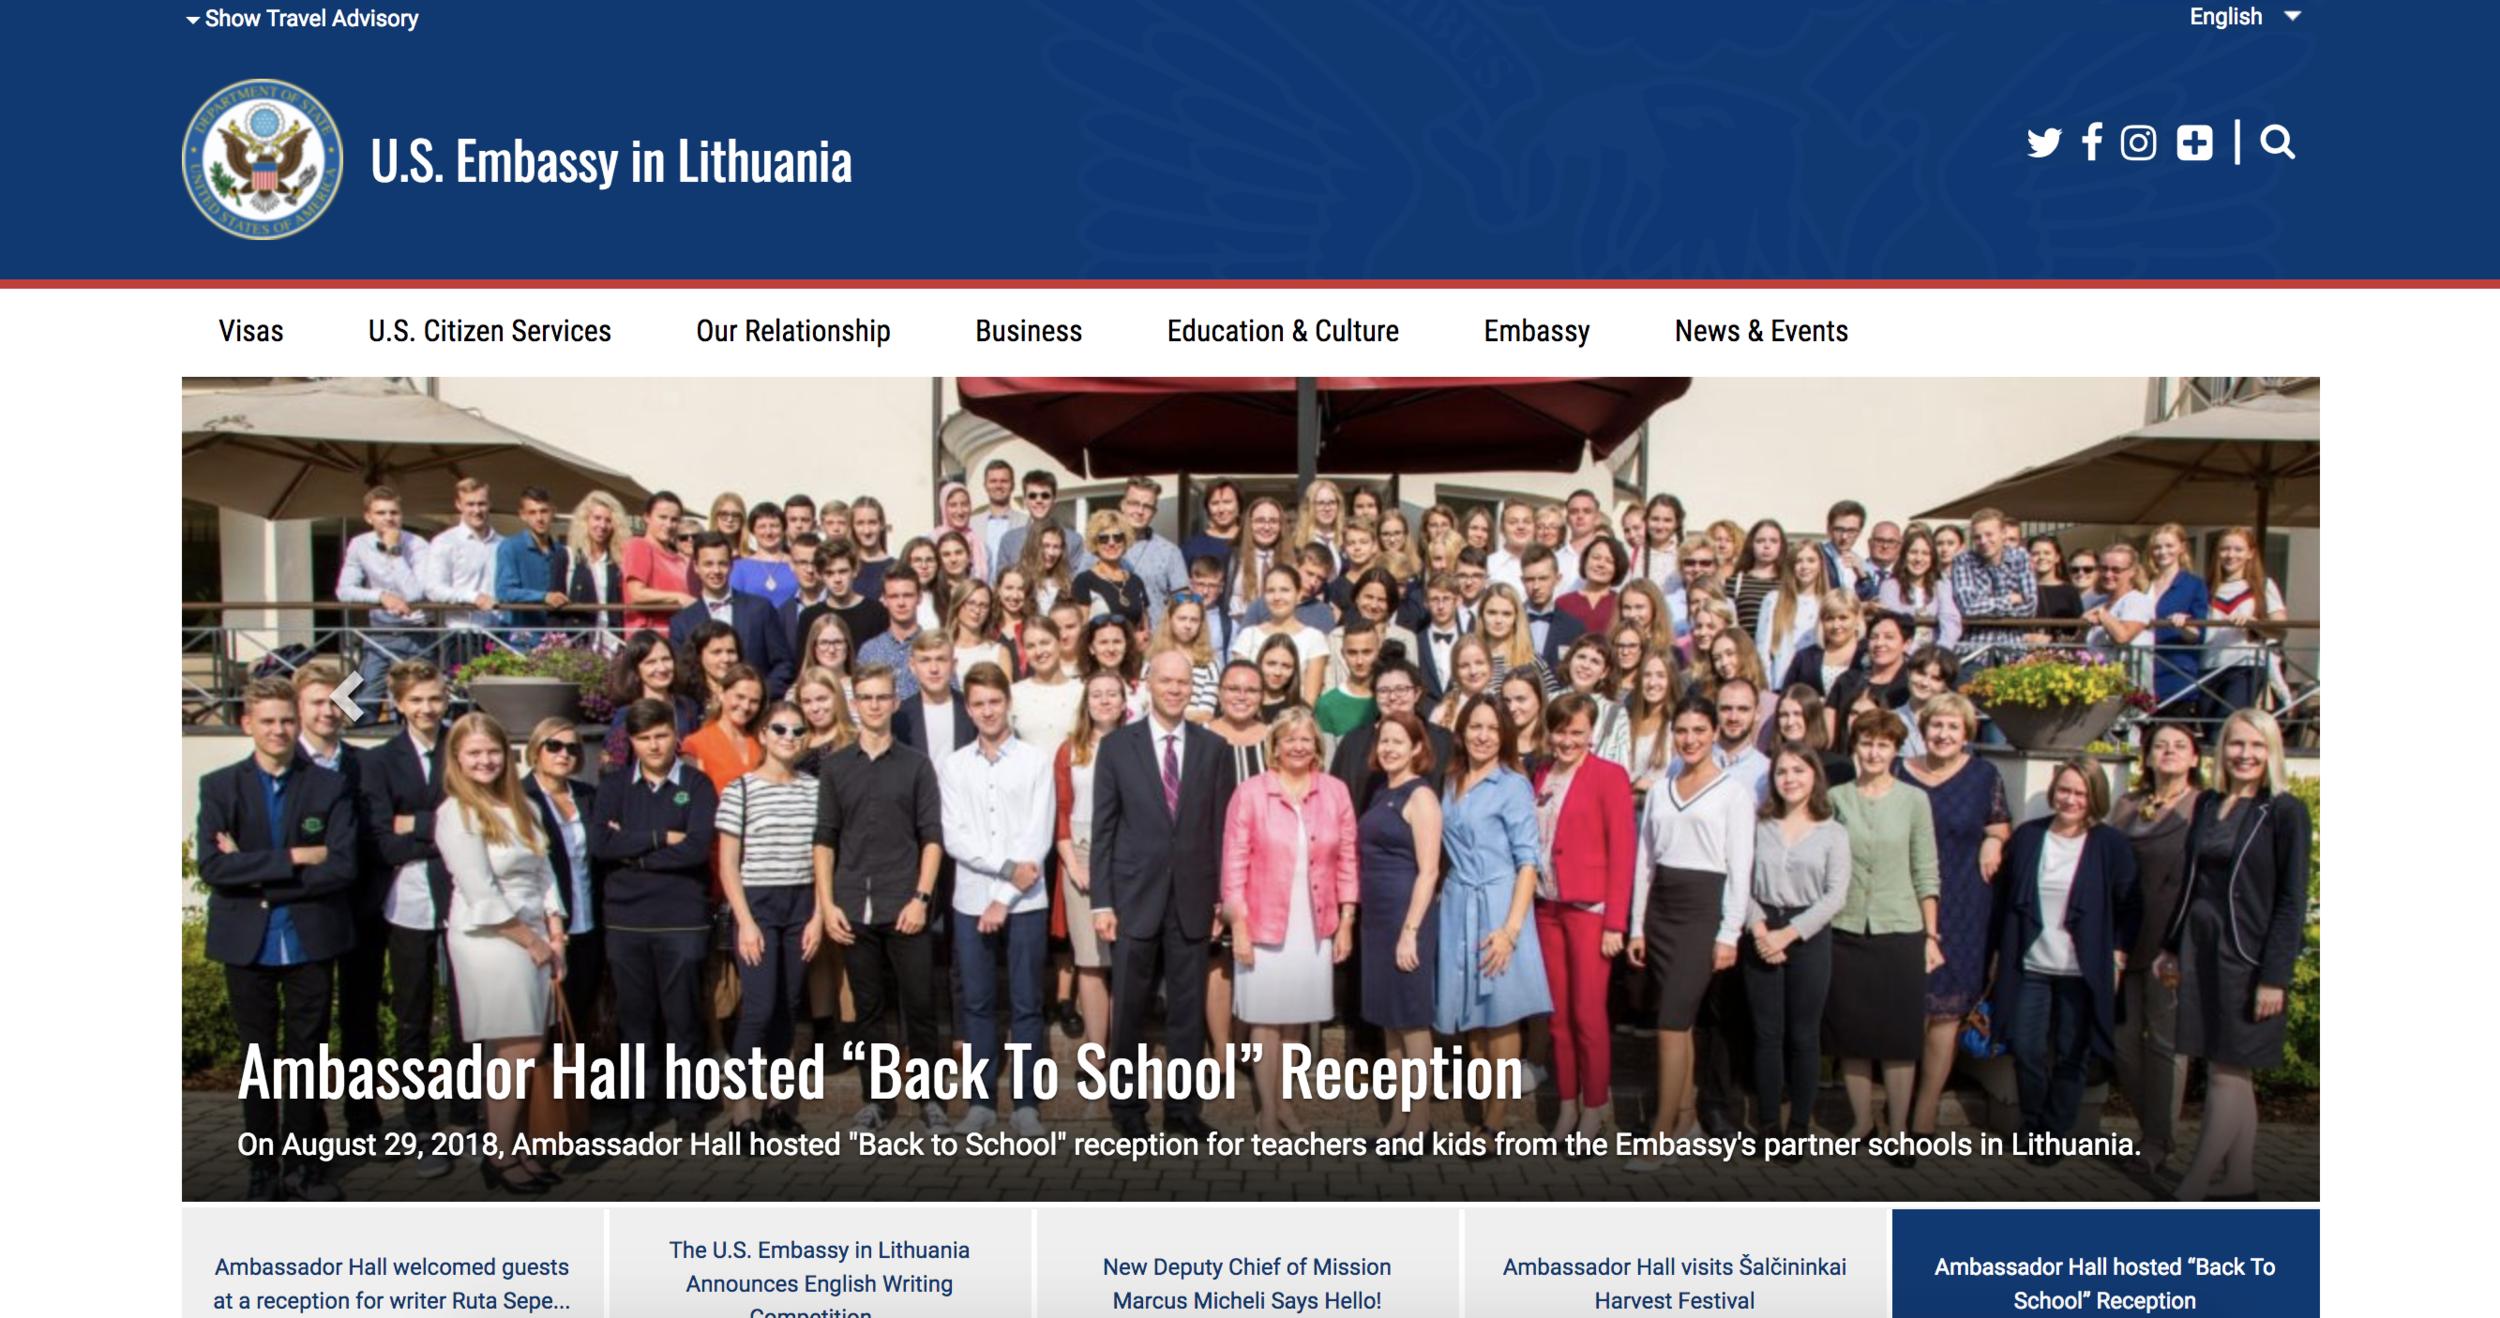 U.S. Embassy in Vilnius